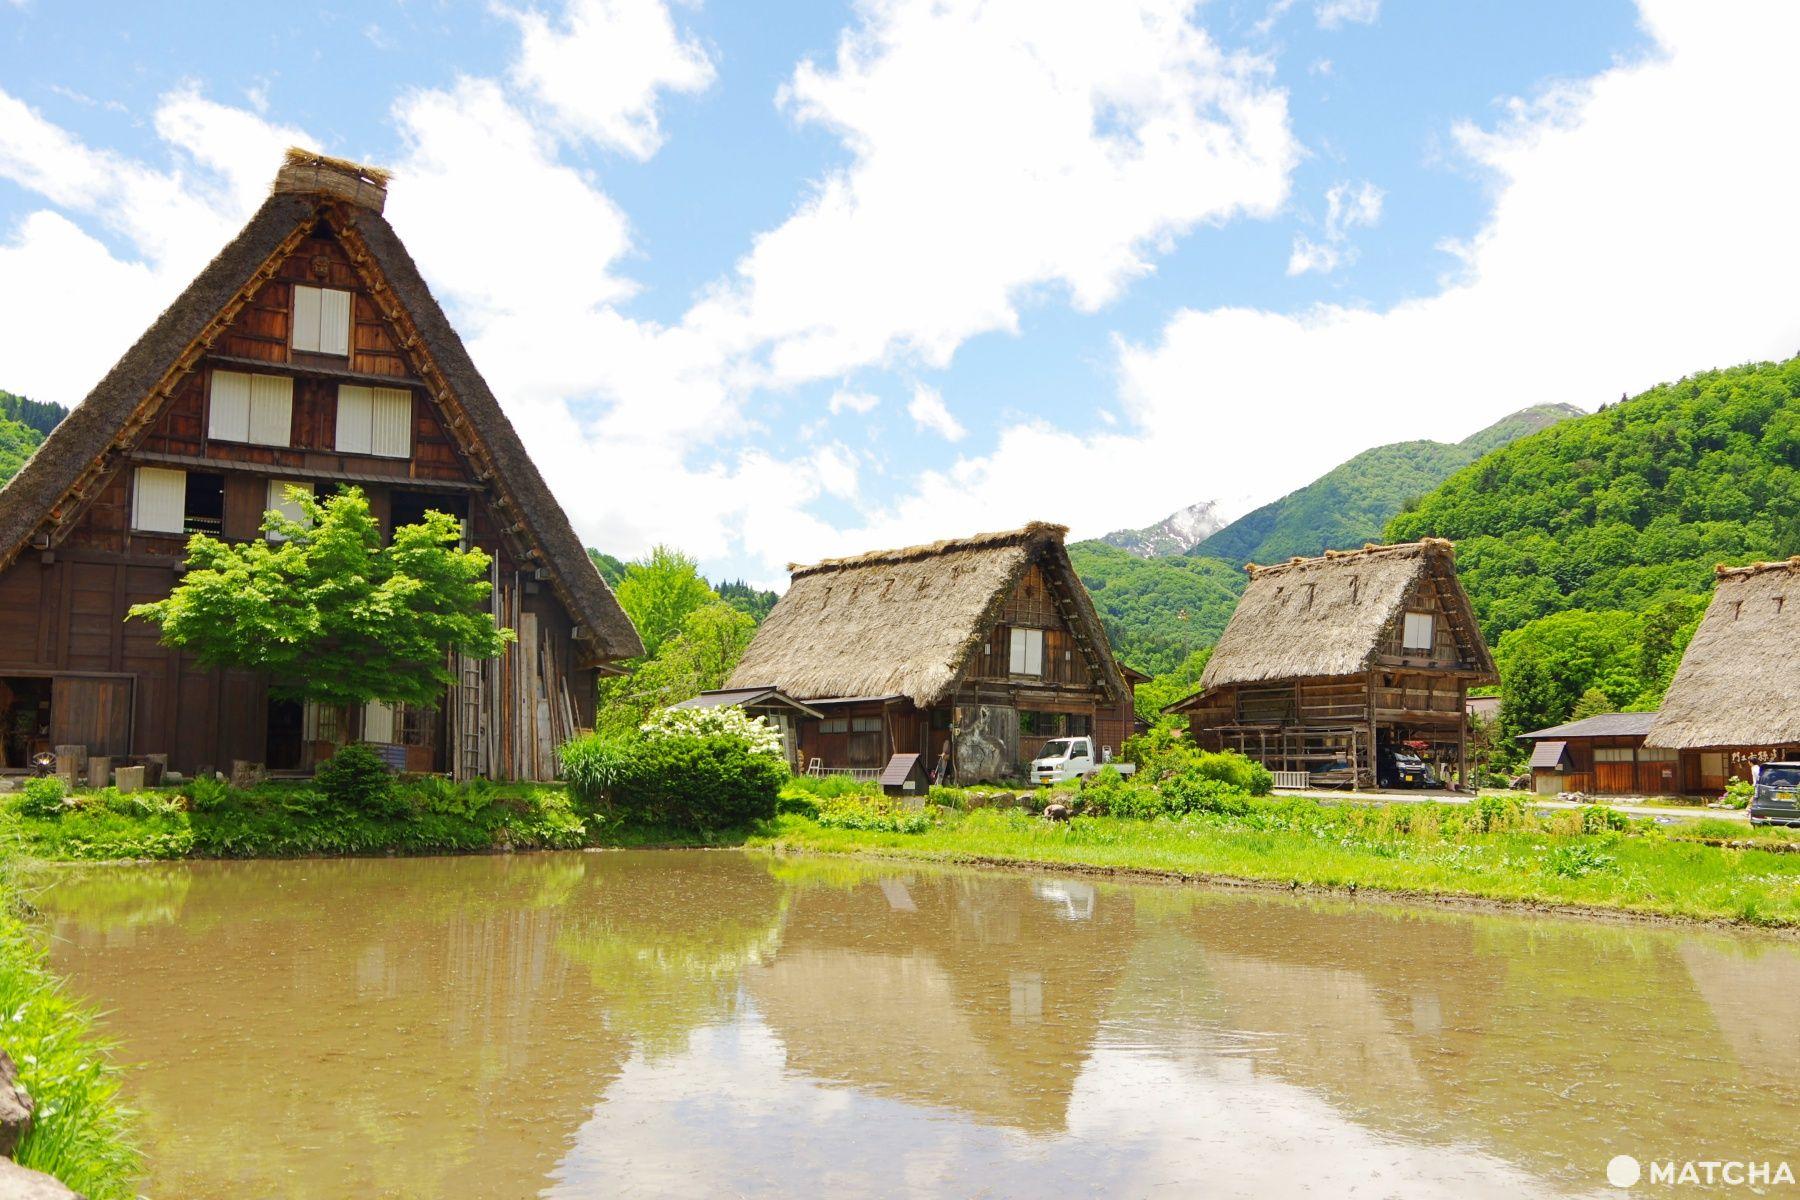 【2020年版】日本の原風景を見に行こう!白川郷合掌造り集落完全ガイド〜アクセス、観光スポット、グルメ情報〜